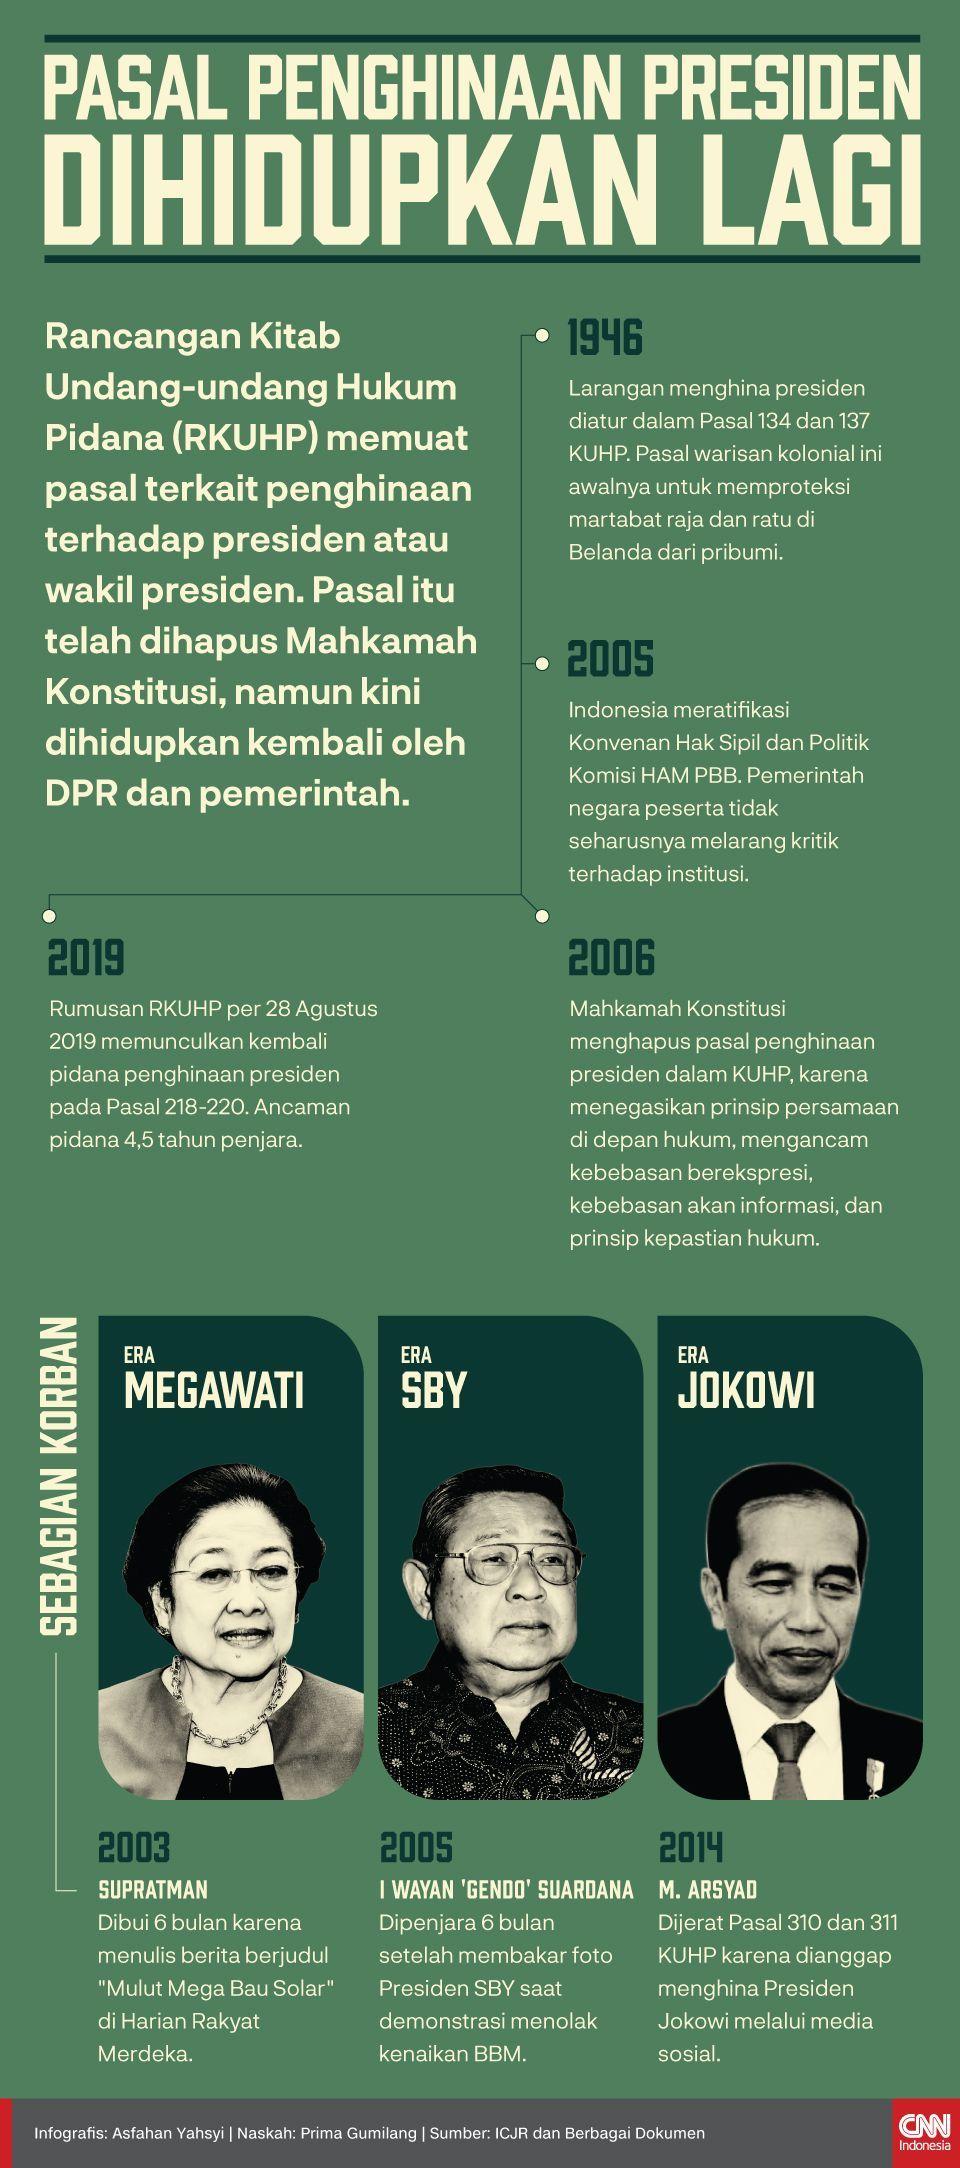 Infografis Pasal Penghinaan Presiden Hidup Lagi